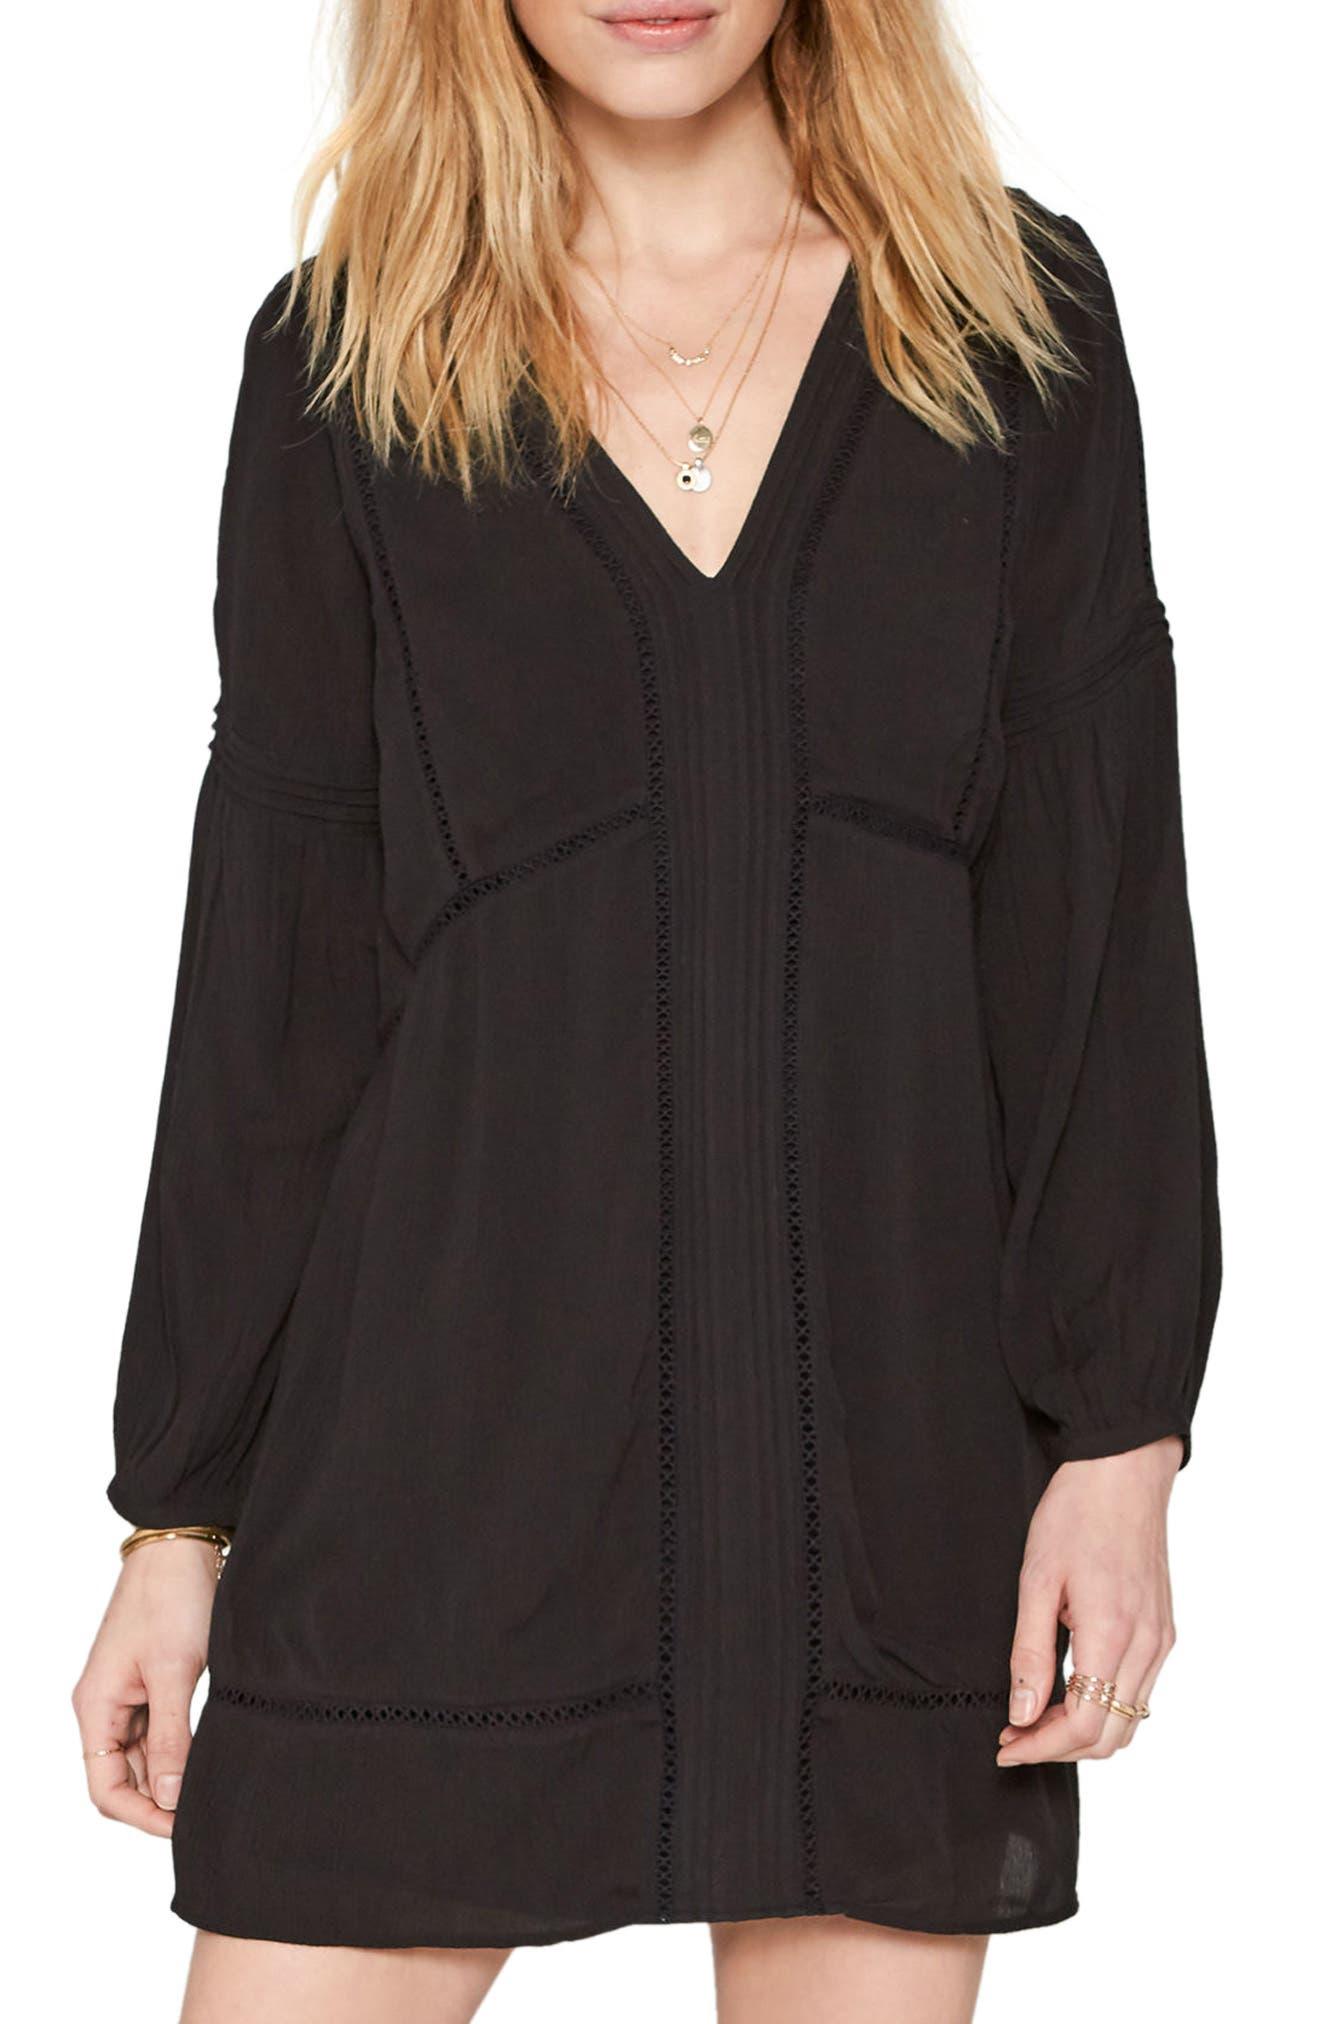 Berkley Dress,                             Main thumbnail 1, color,                             001